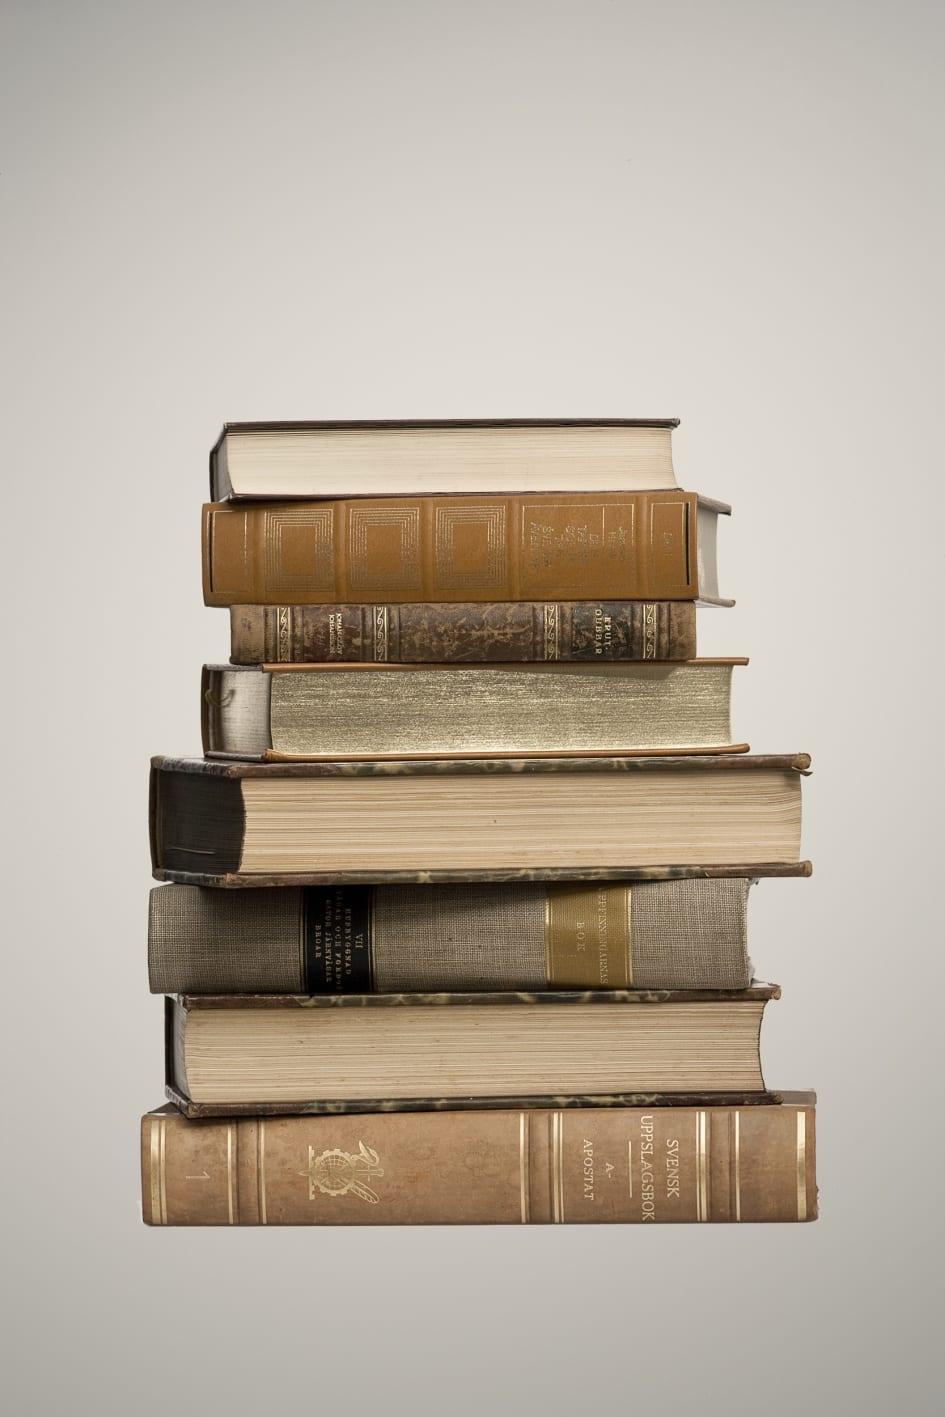 köpa begagnade böcker göteborg